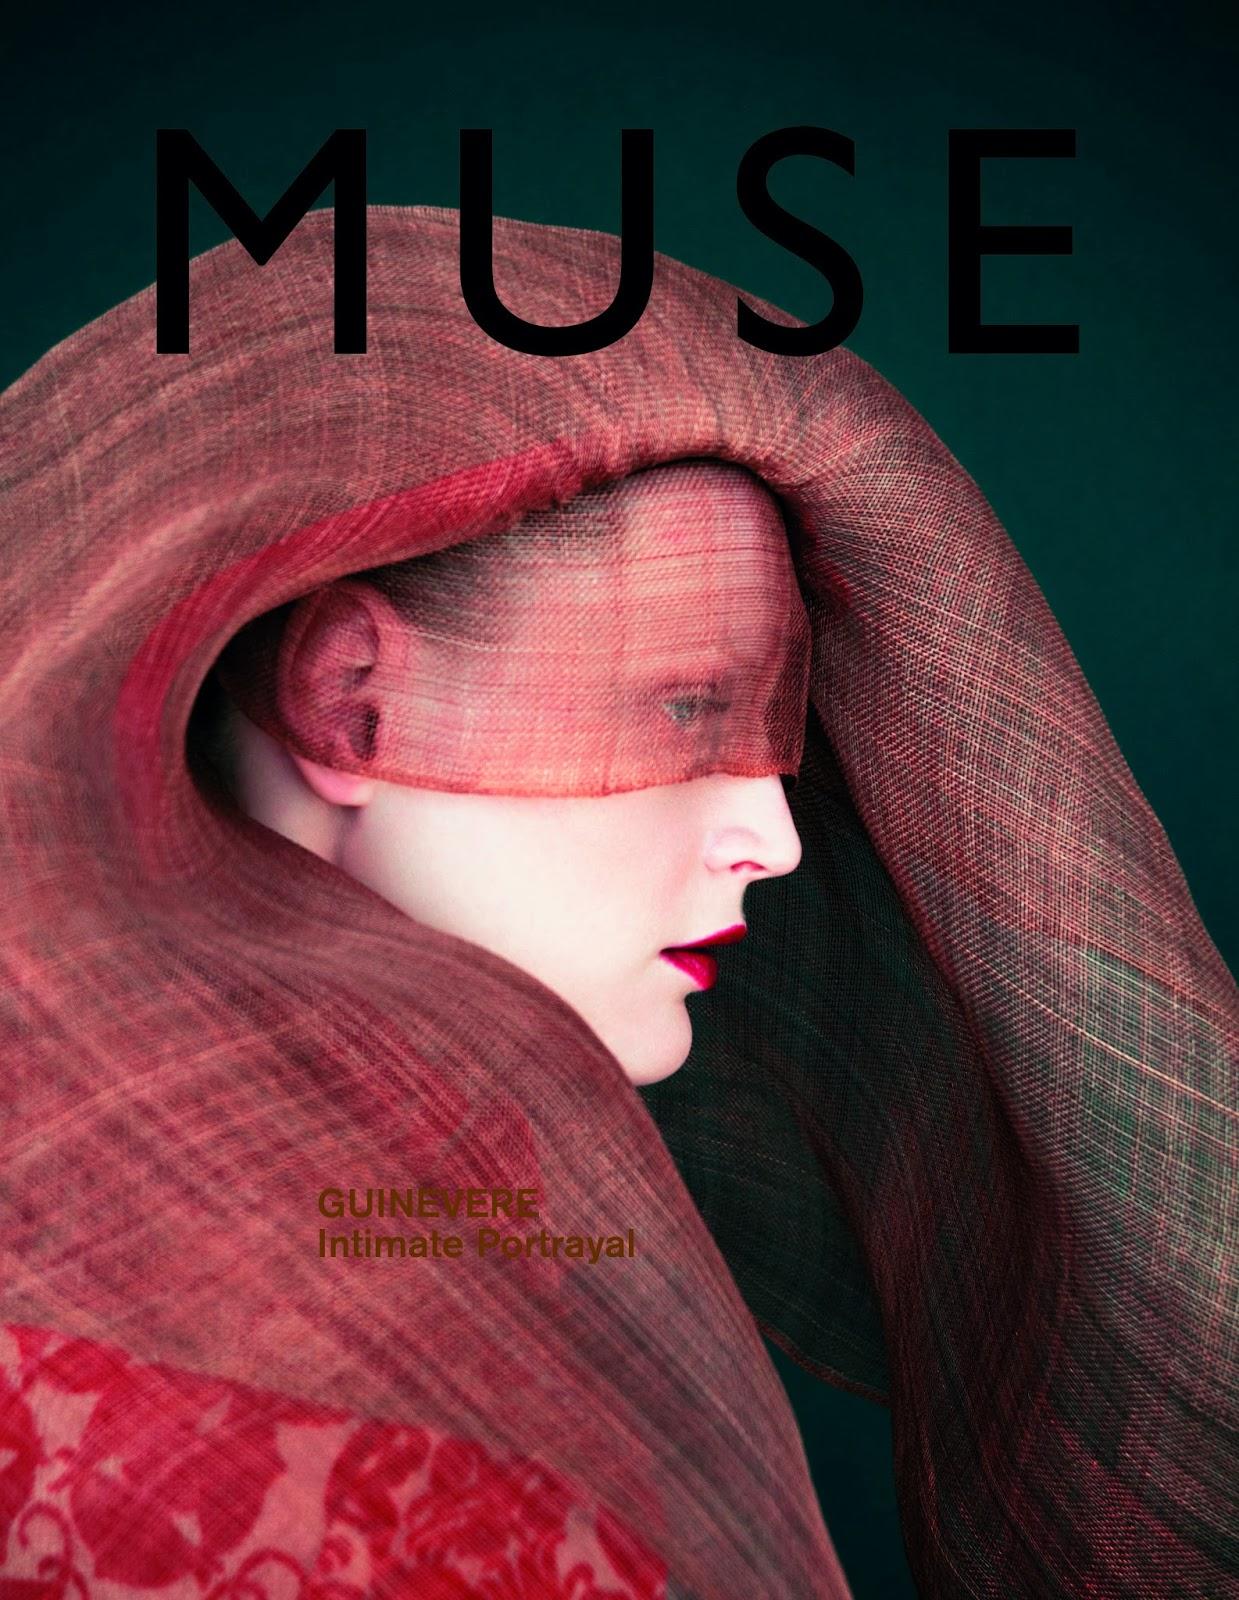 Guinevere-Van-Seenus-by-Erik-Madigan-Heck-for-Muse-Magazine-37-Spring-2014-cover.jpg